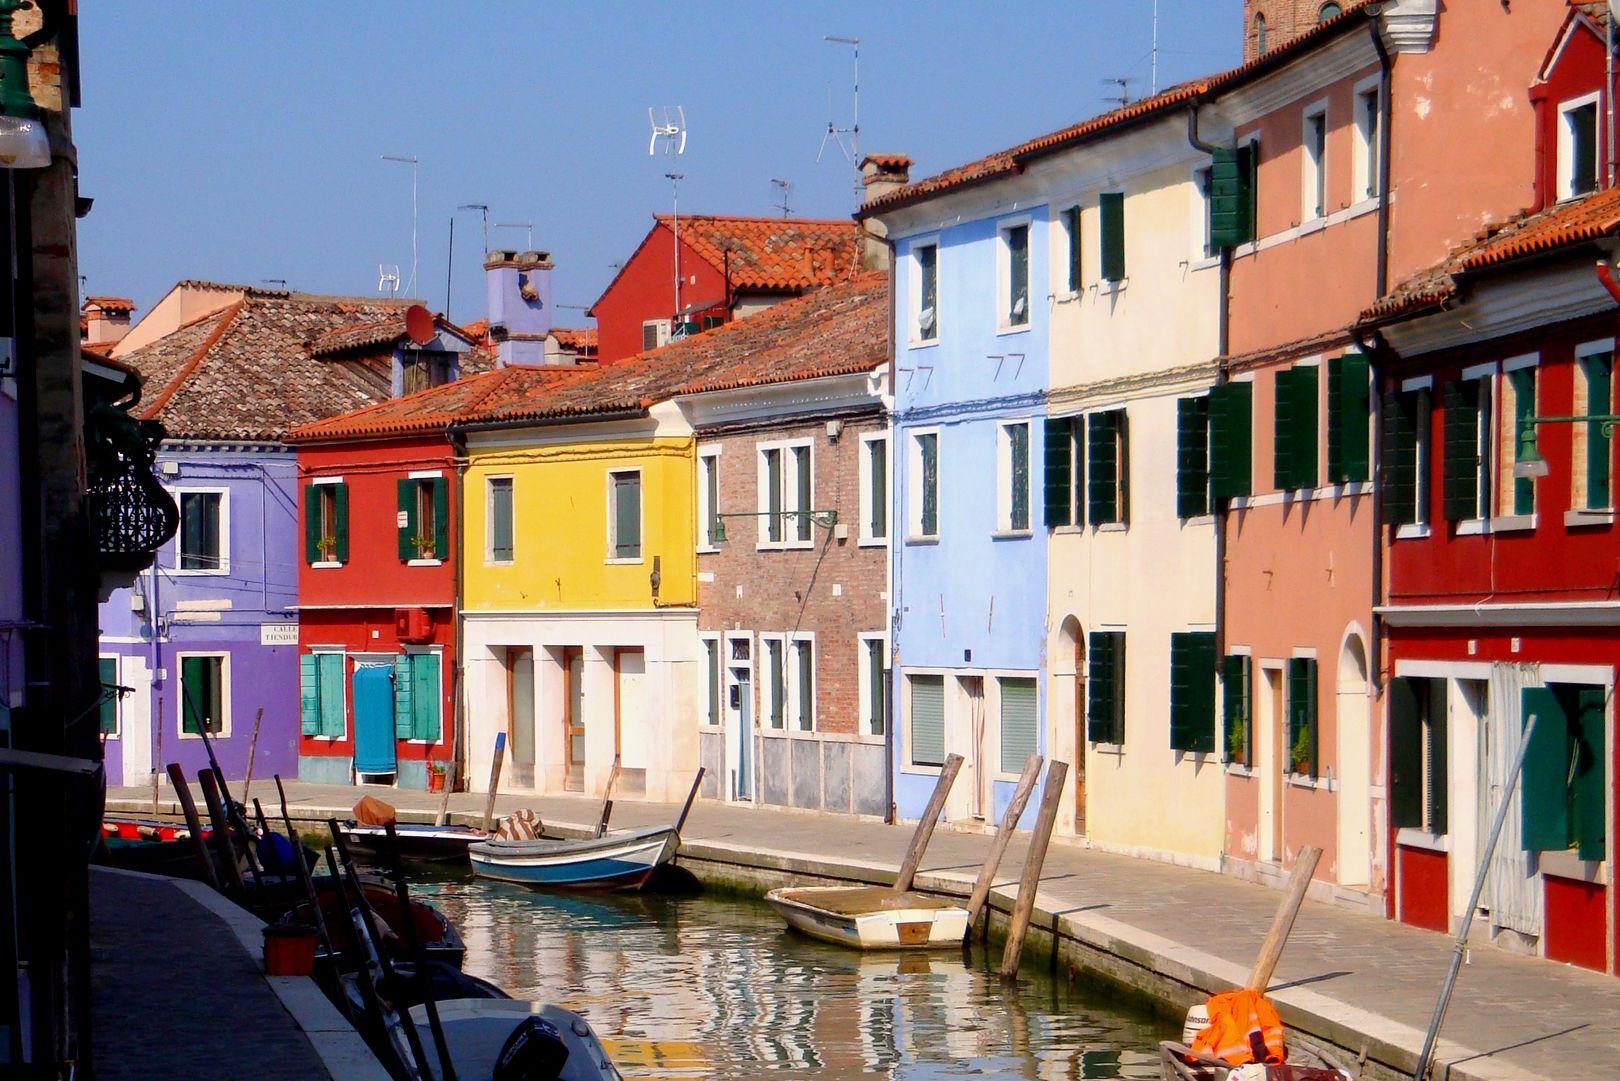 Italie - Maisons colorées sur l'île de Murano